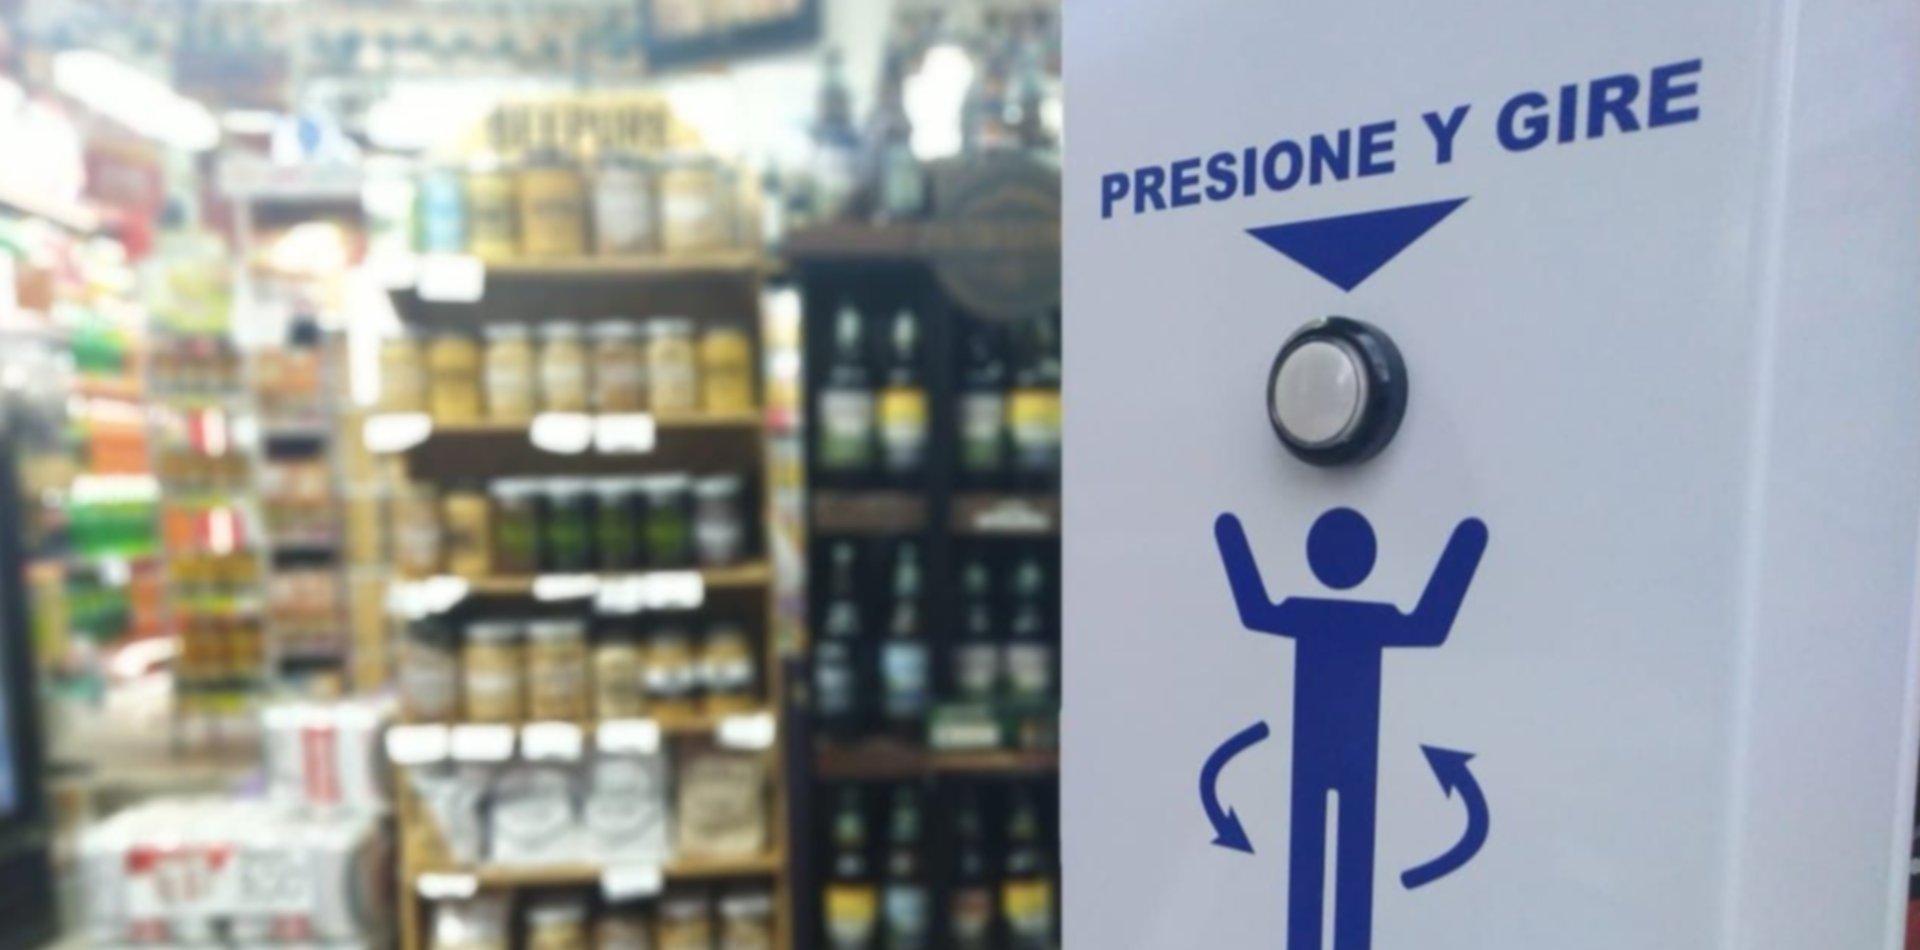 Un supermercado platense instaló un llamativo rociador para desinfectar a sus clientes